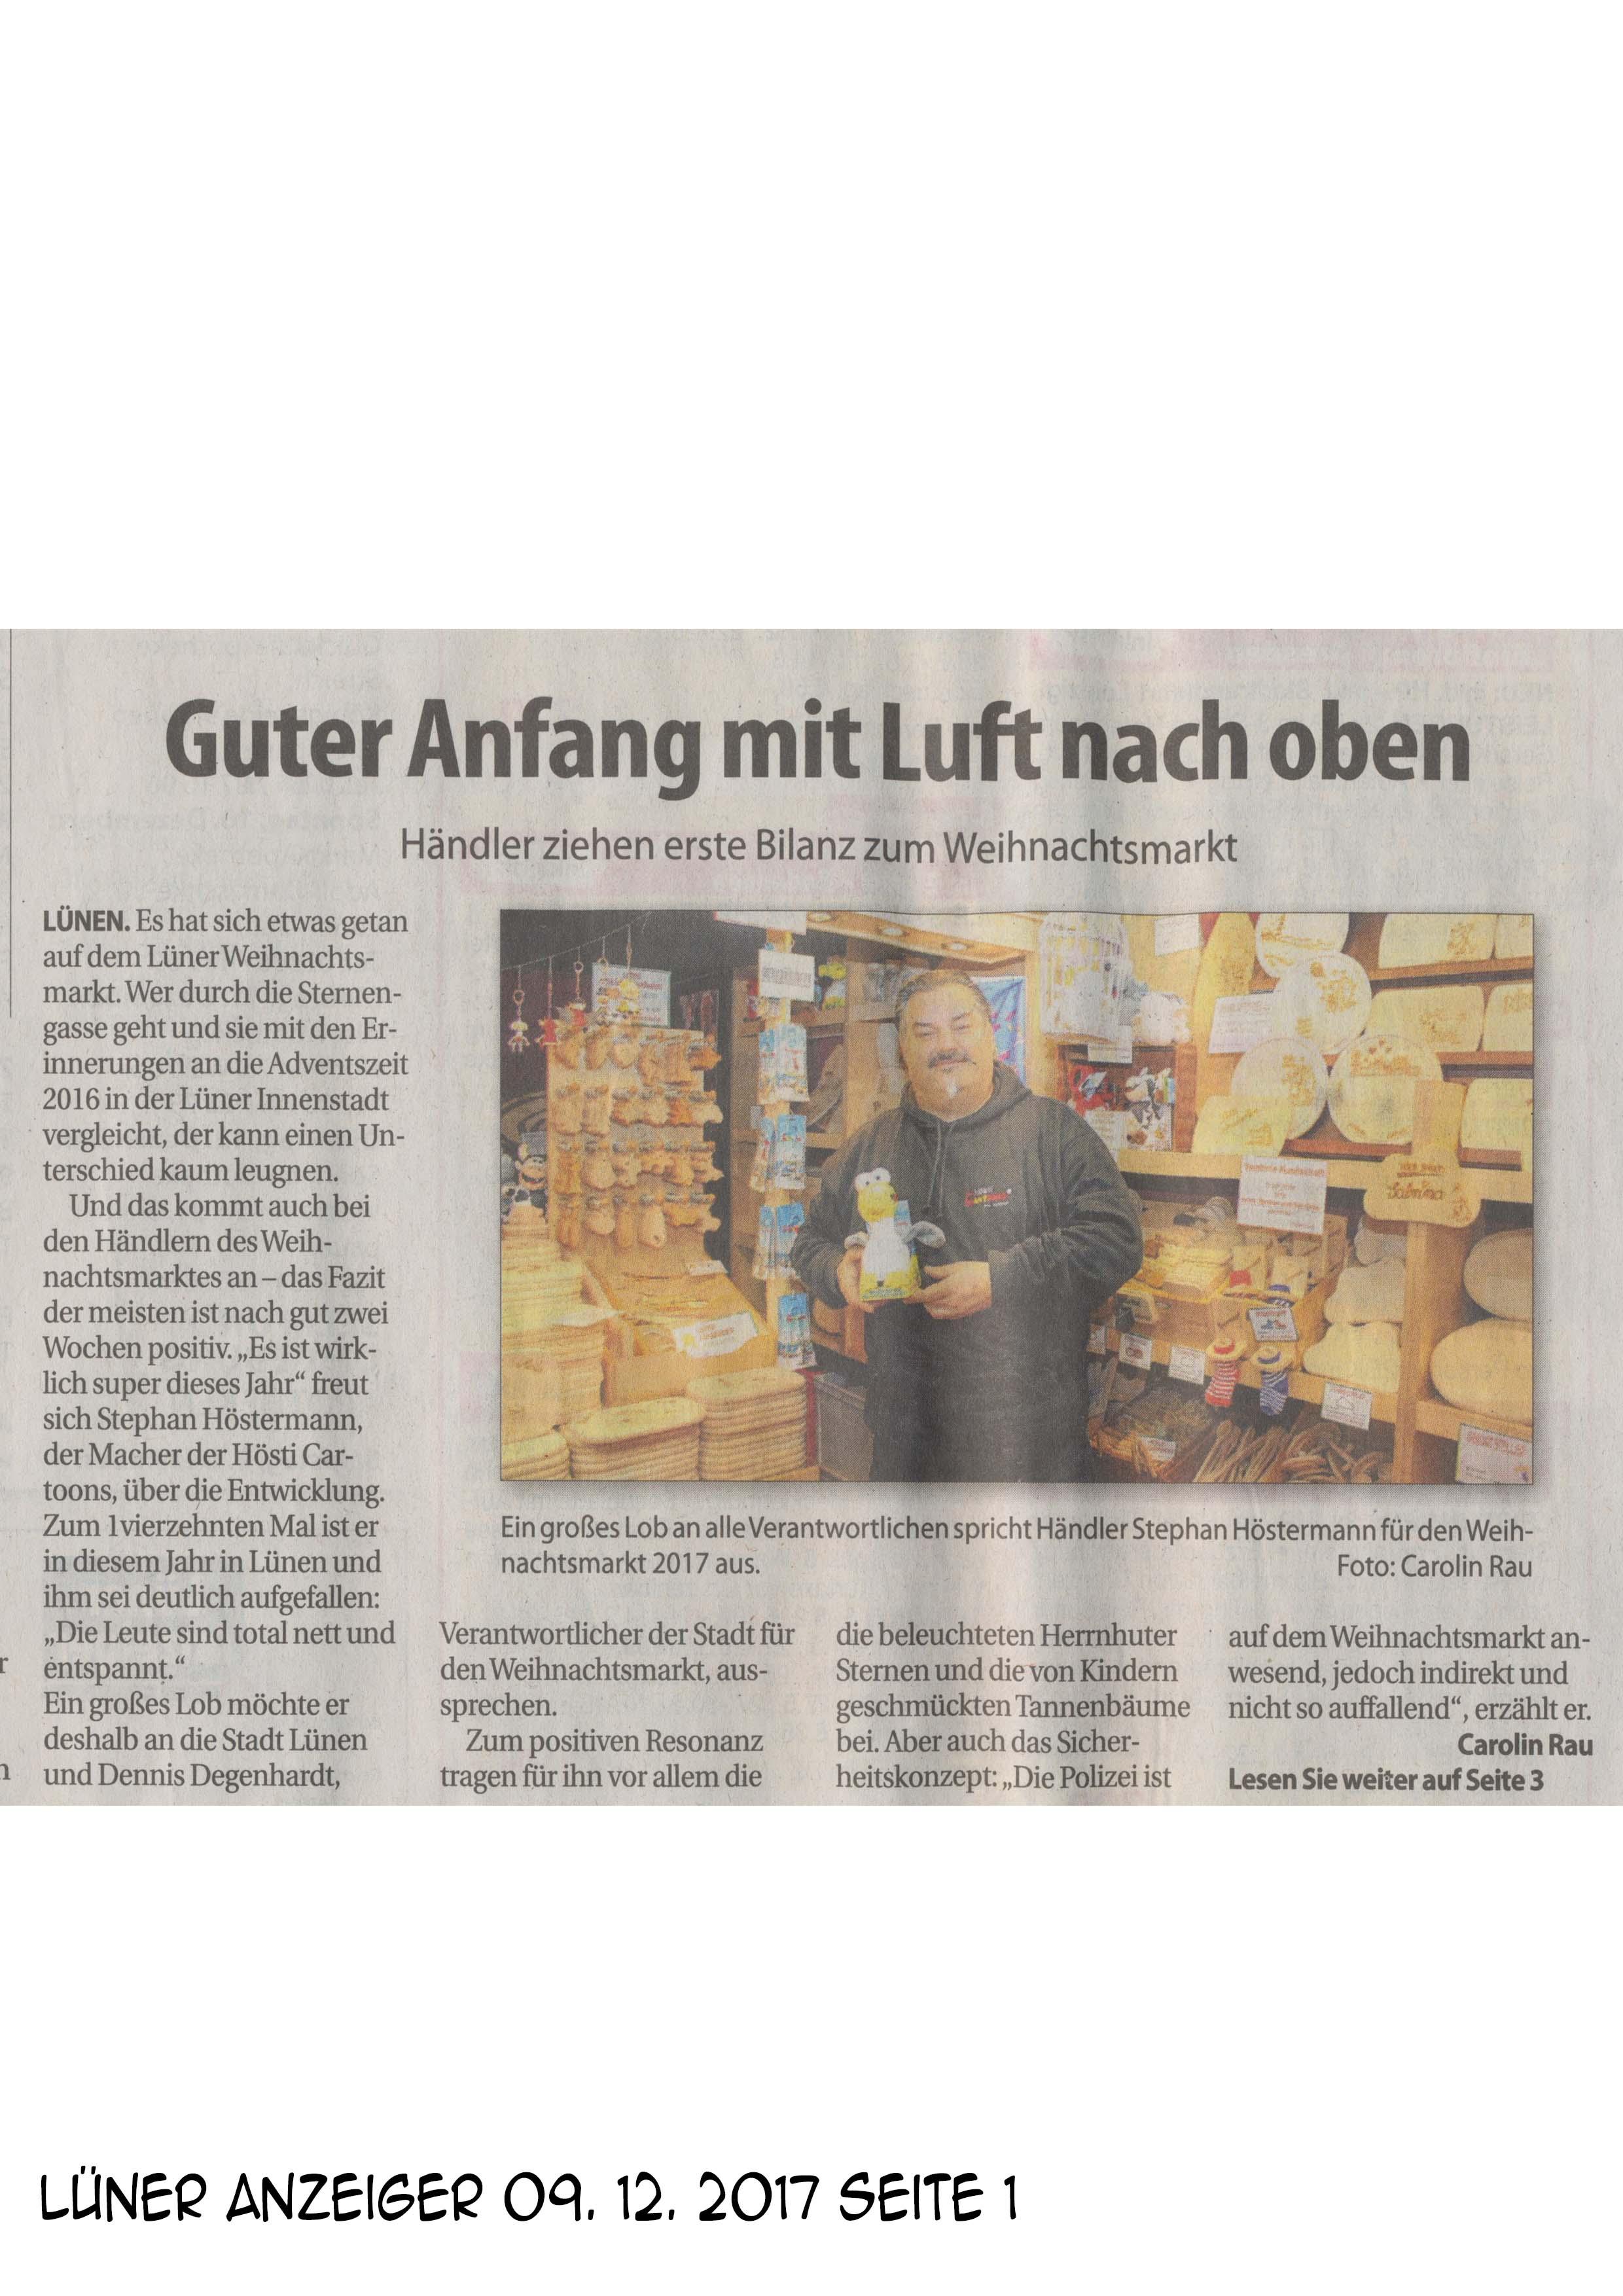 Lüner Anzeiger 09 12 2017 Seite 1